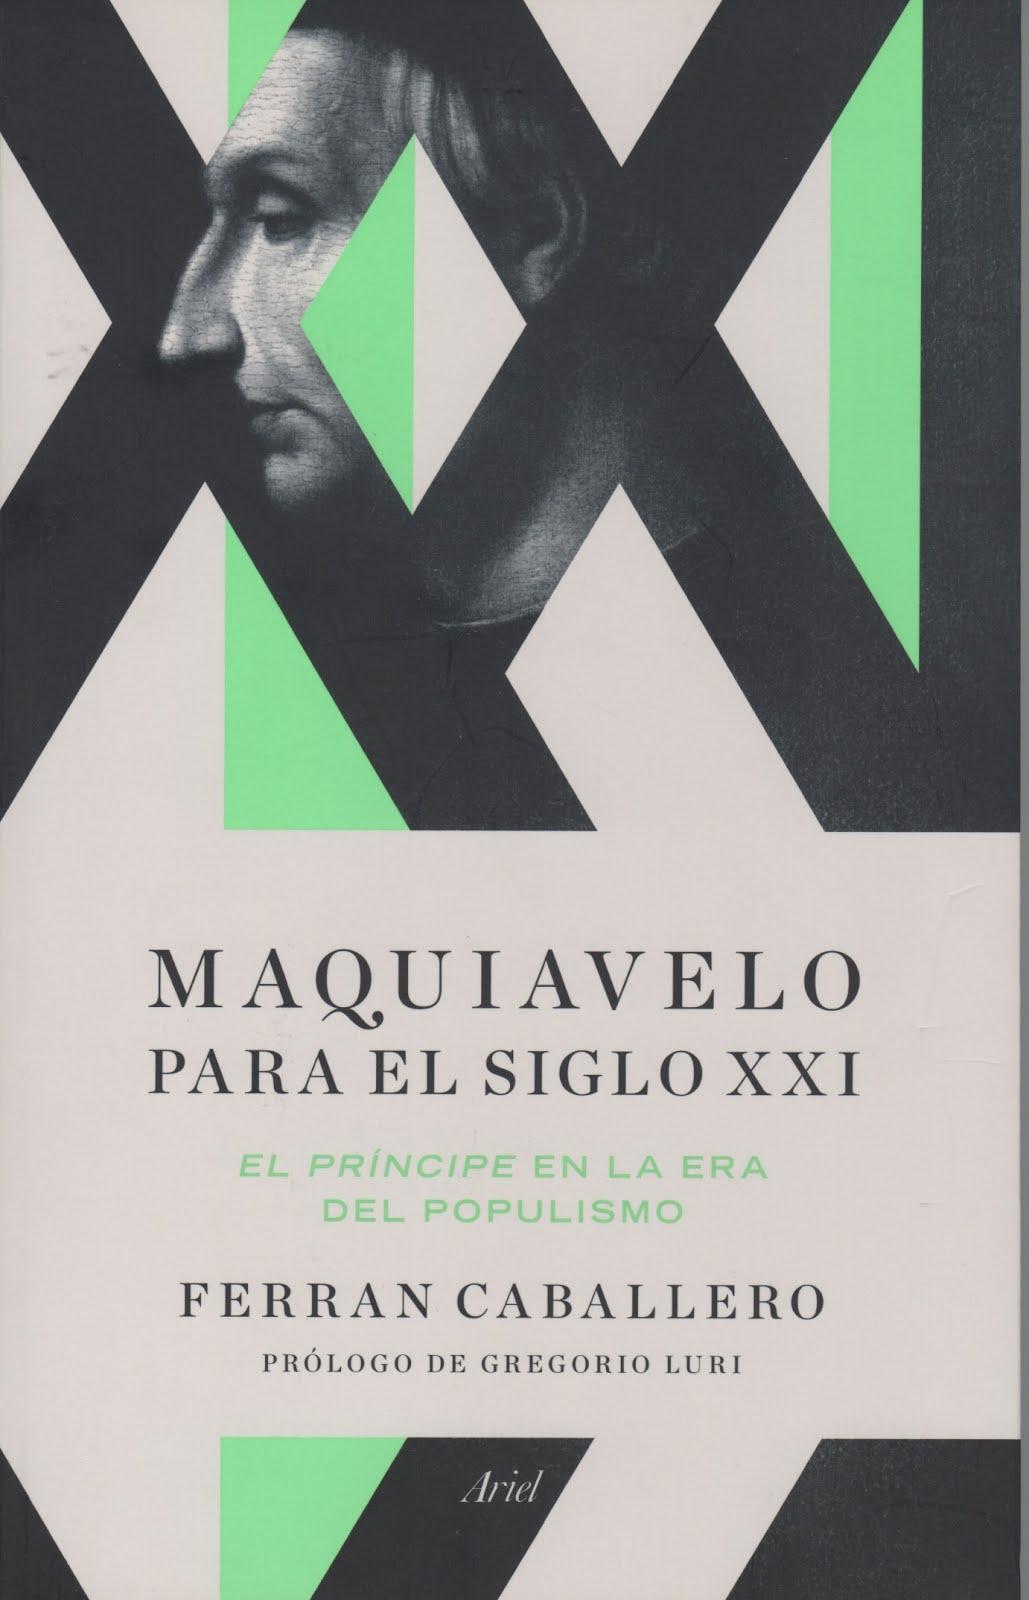 Ferran Caballero (Maquiavelo para el siglo XXI) El príncipe en la era del populismo